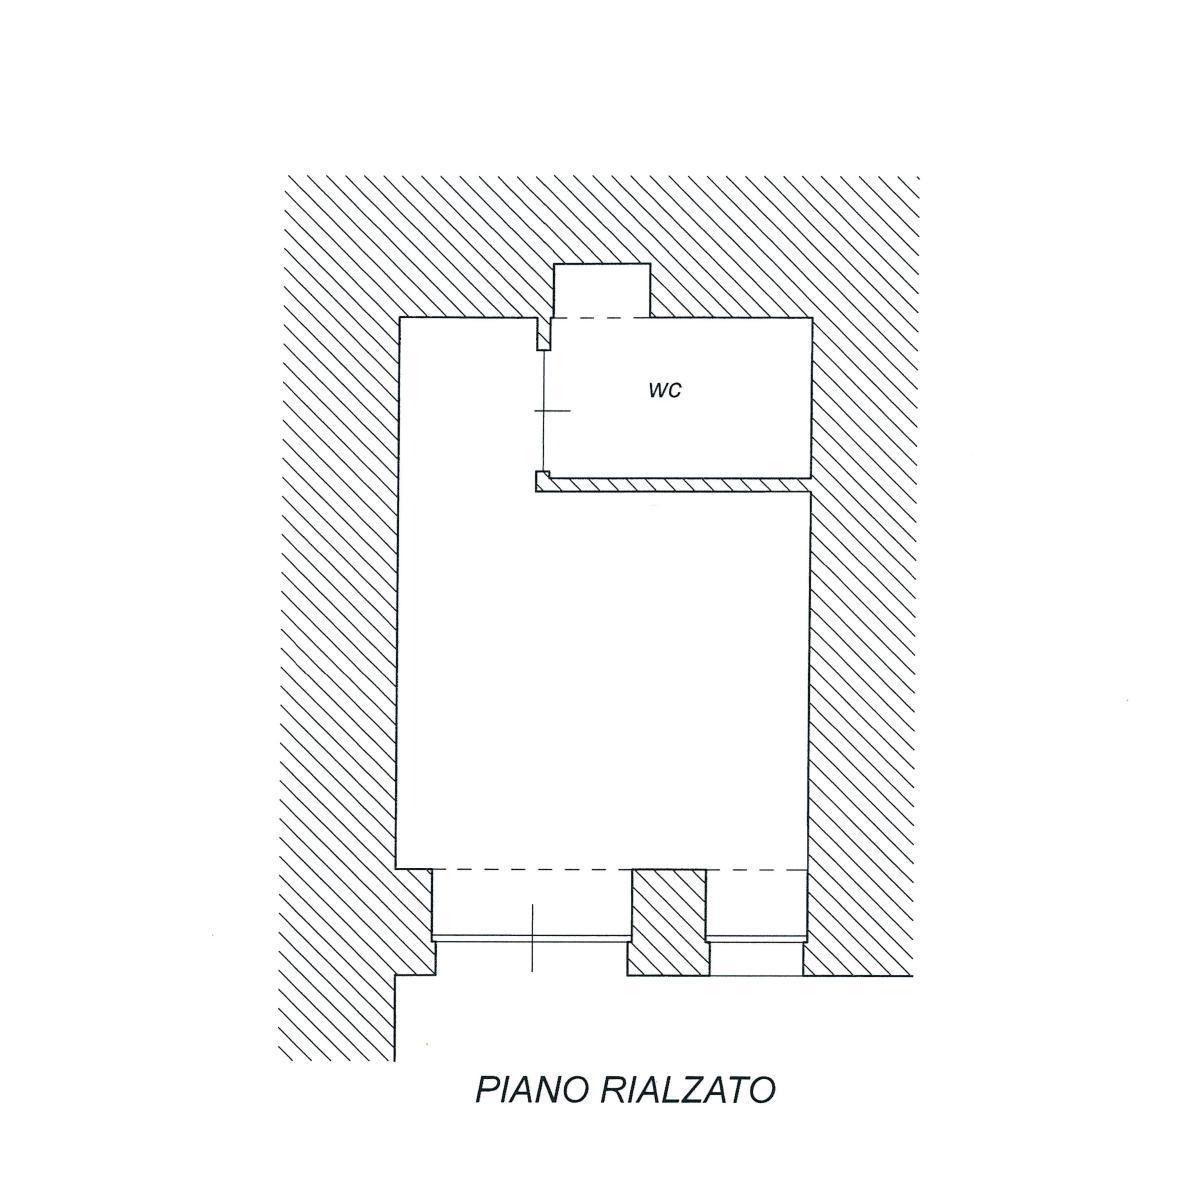 Vendita locale commerciale – Via Santa Lucia, Cisternino (Brindisi)